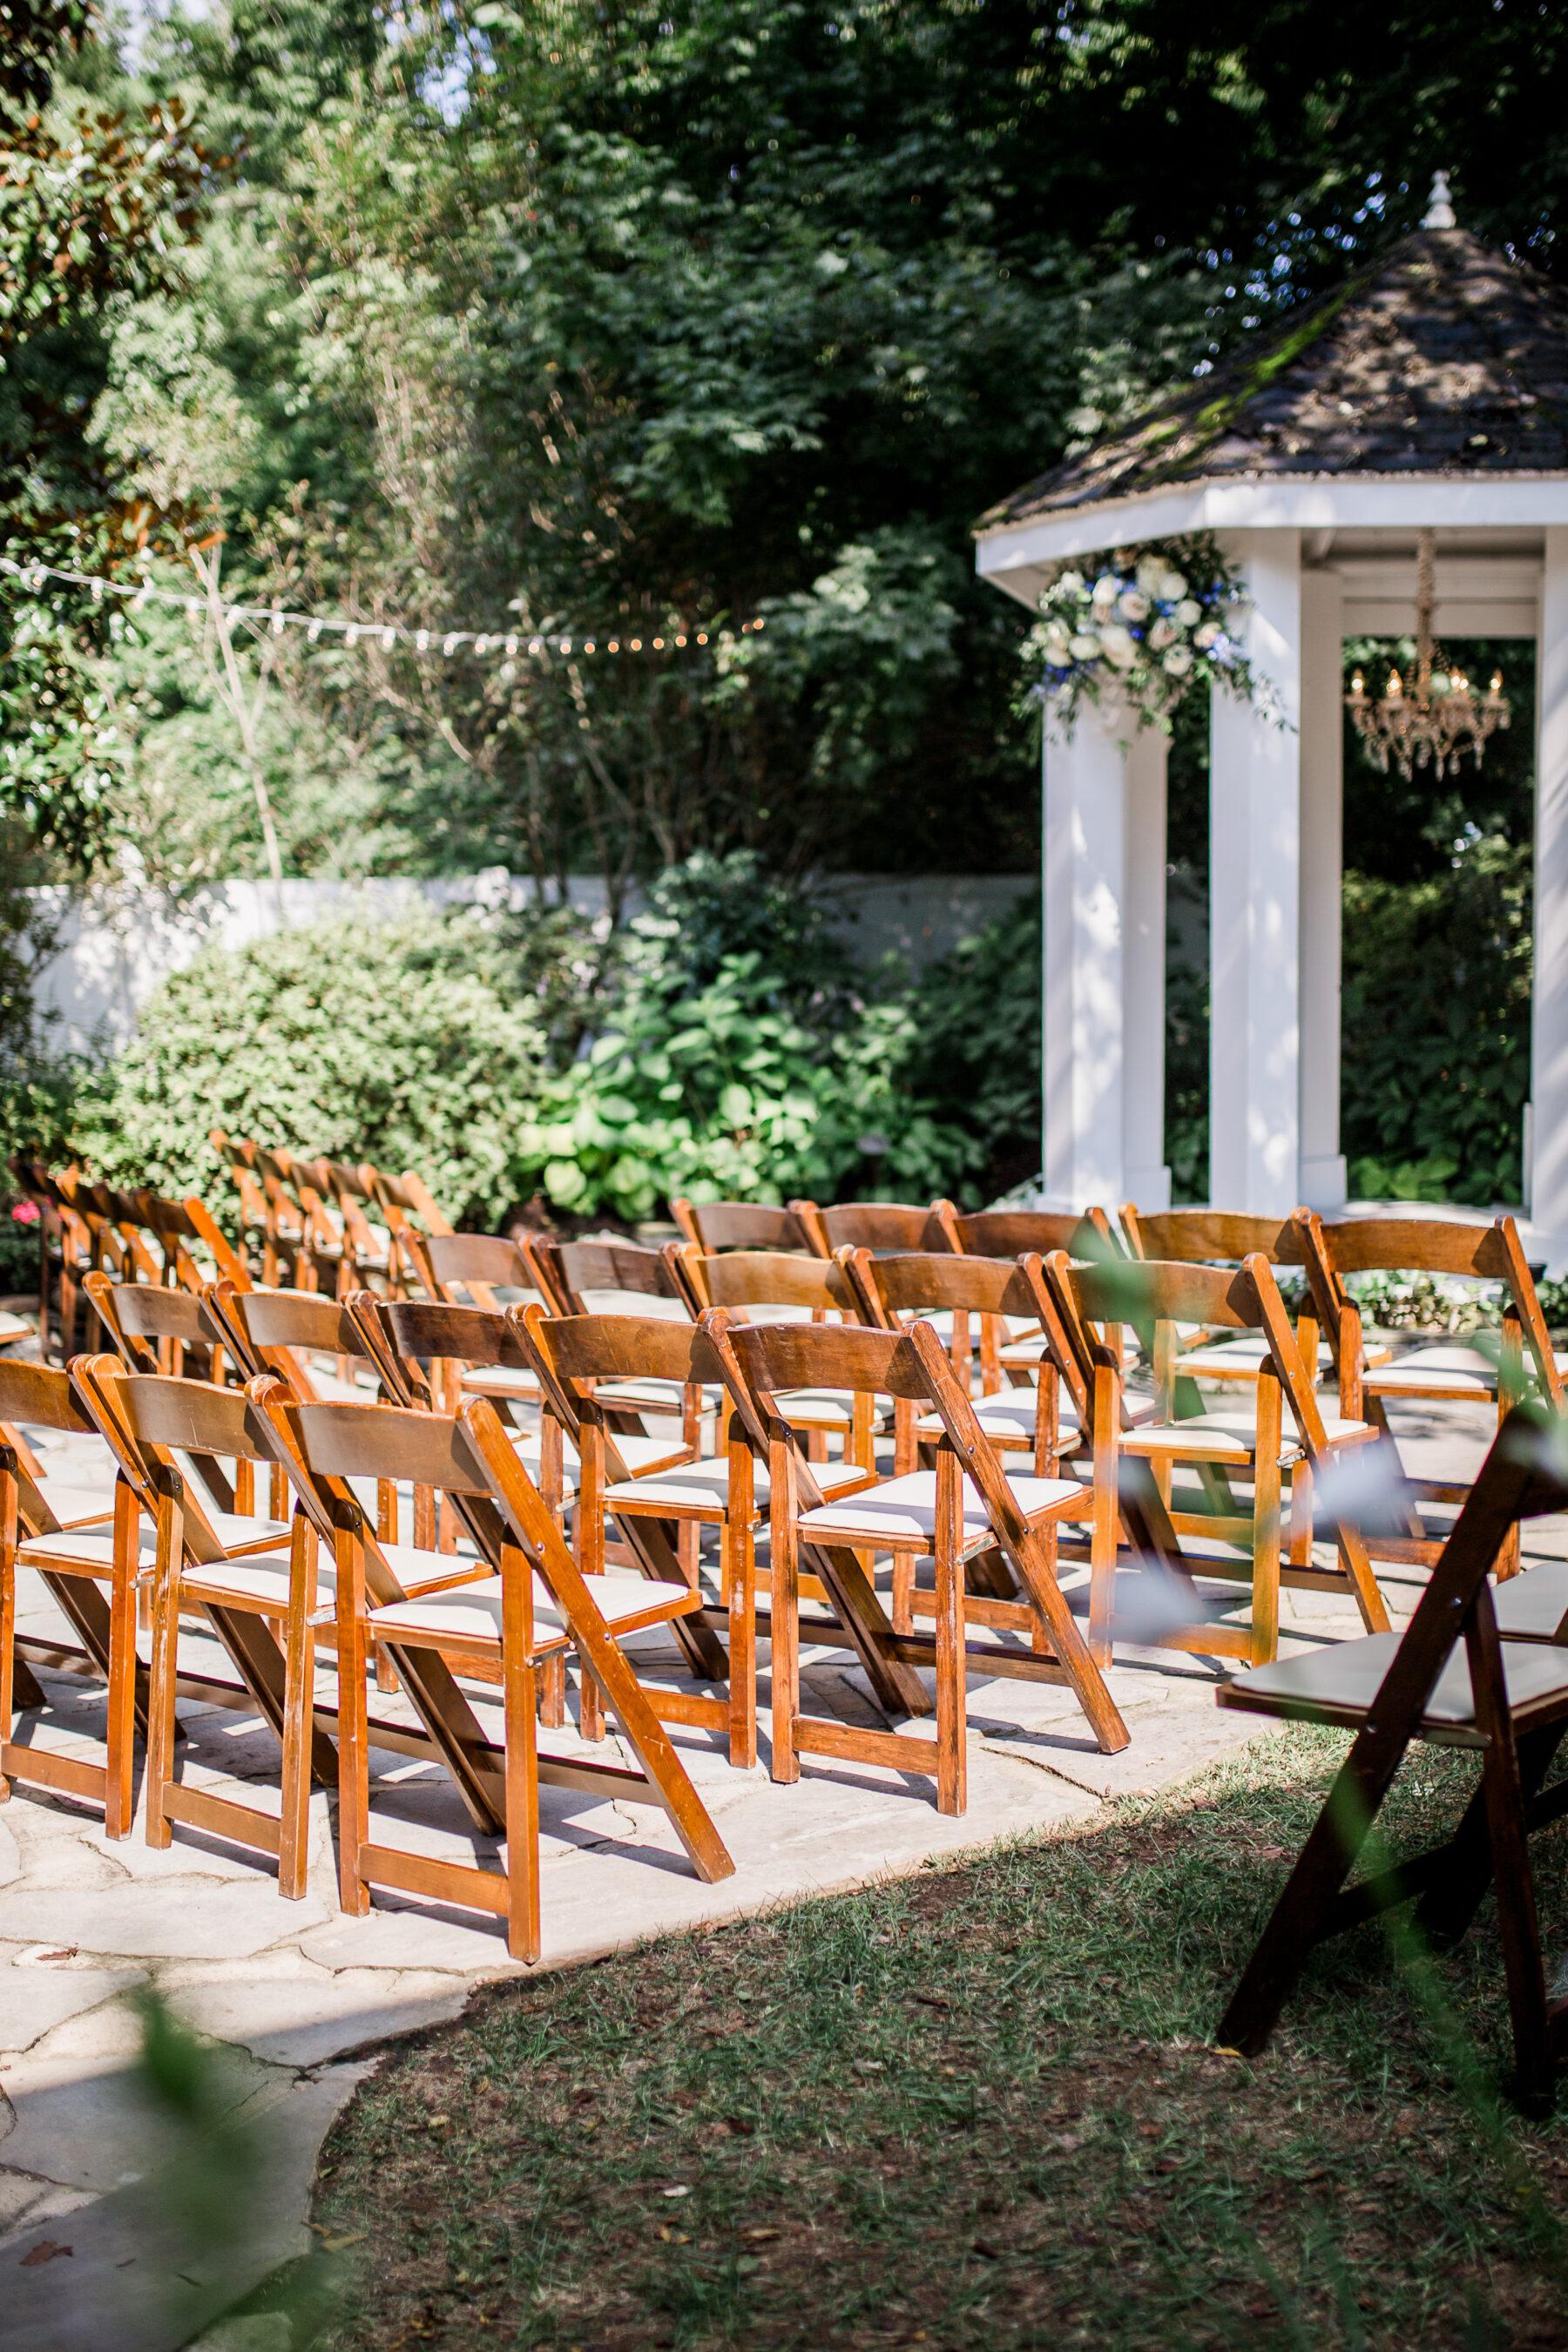 Romantic Garden Wedding at CJ's Off the Square | Nashville Bride Guide